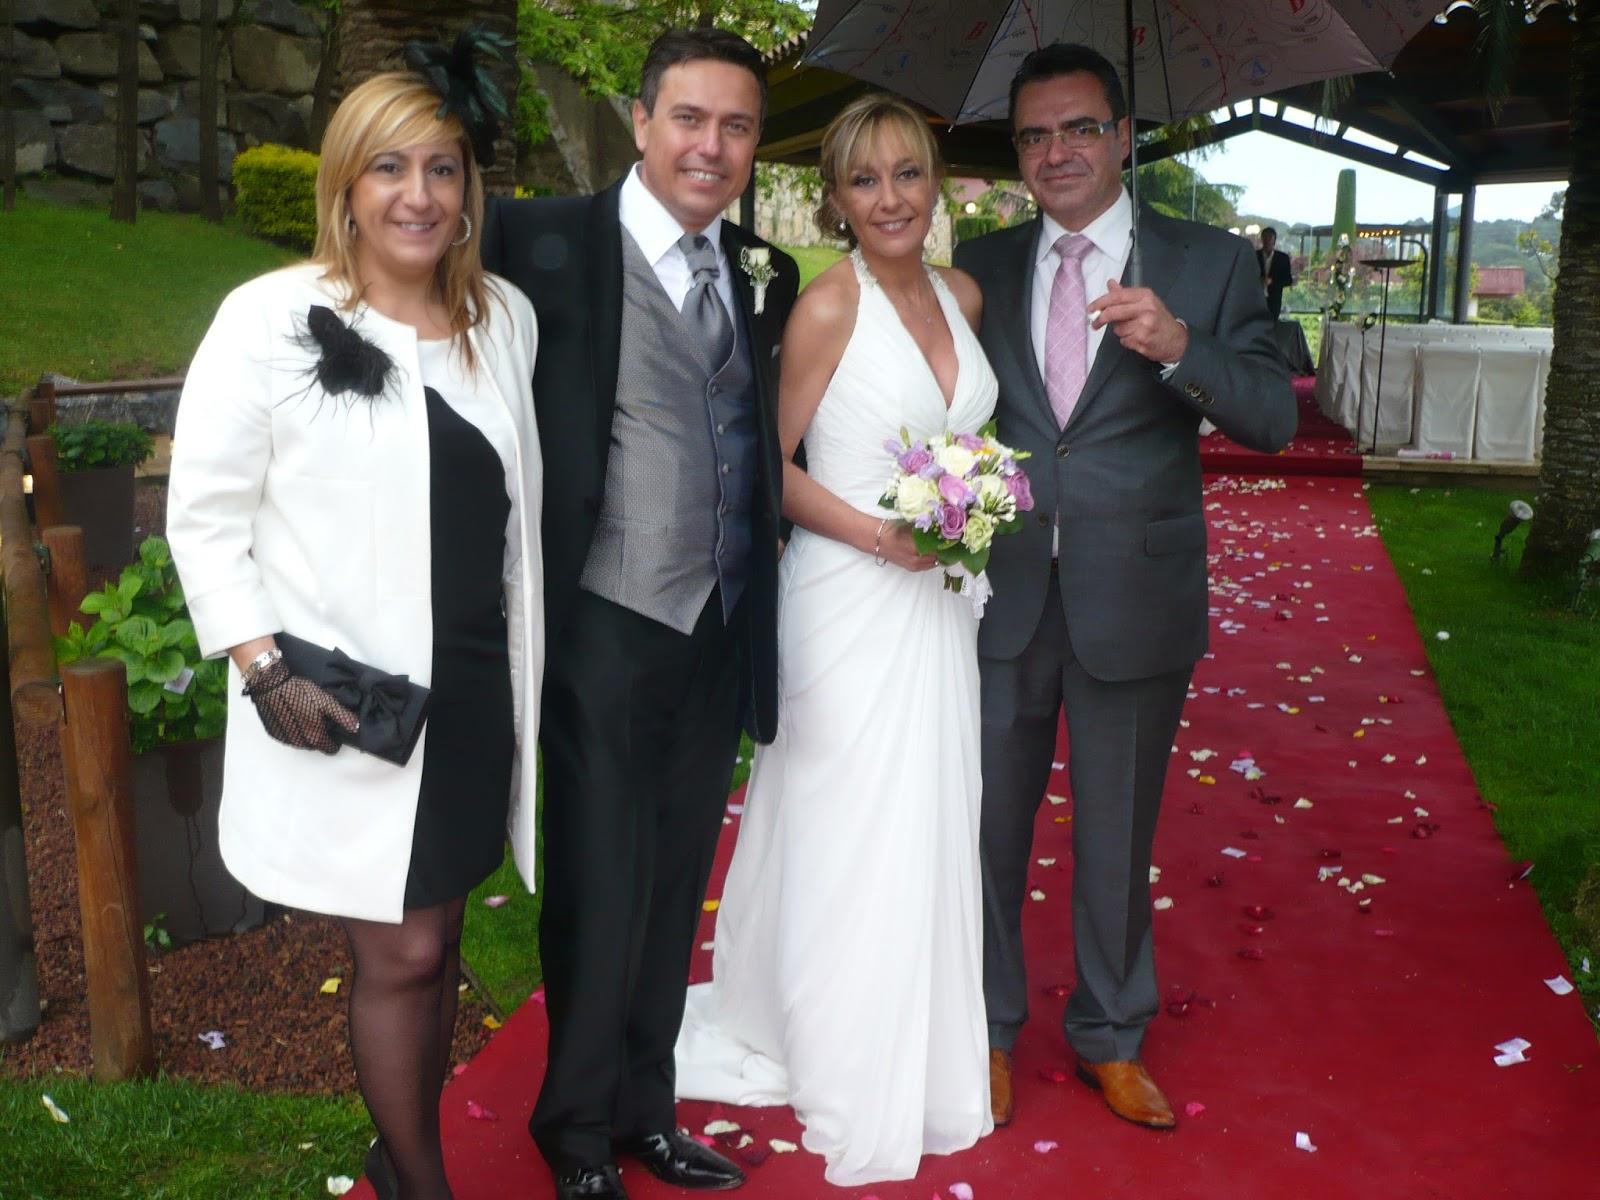 Irma soriano fotos de su boda 31349206614